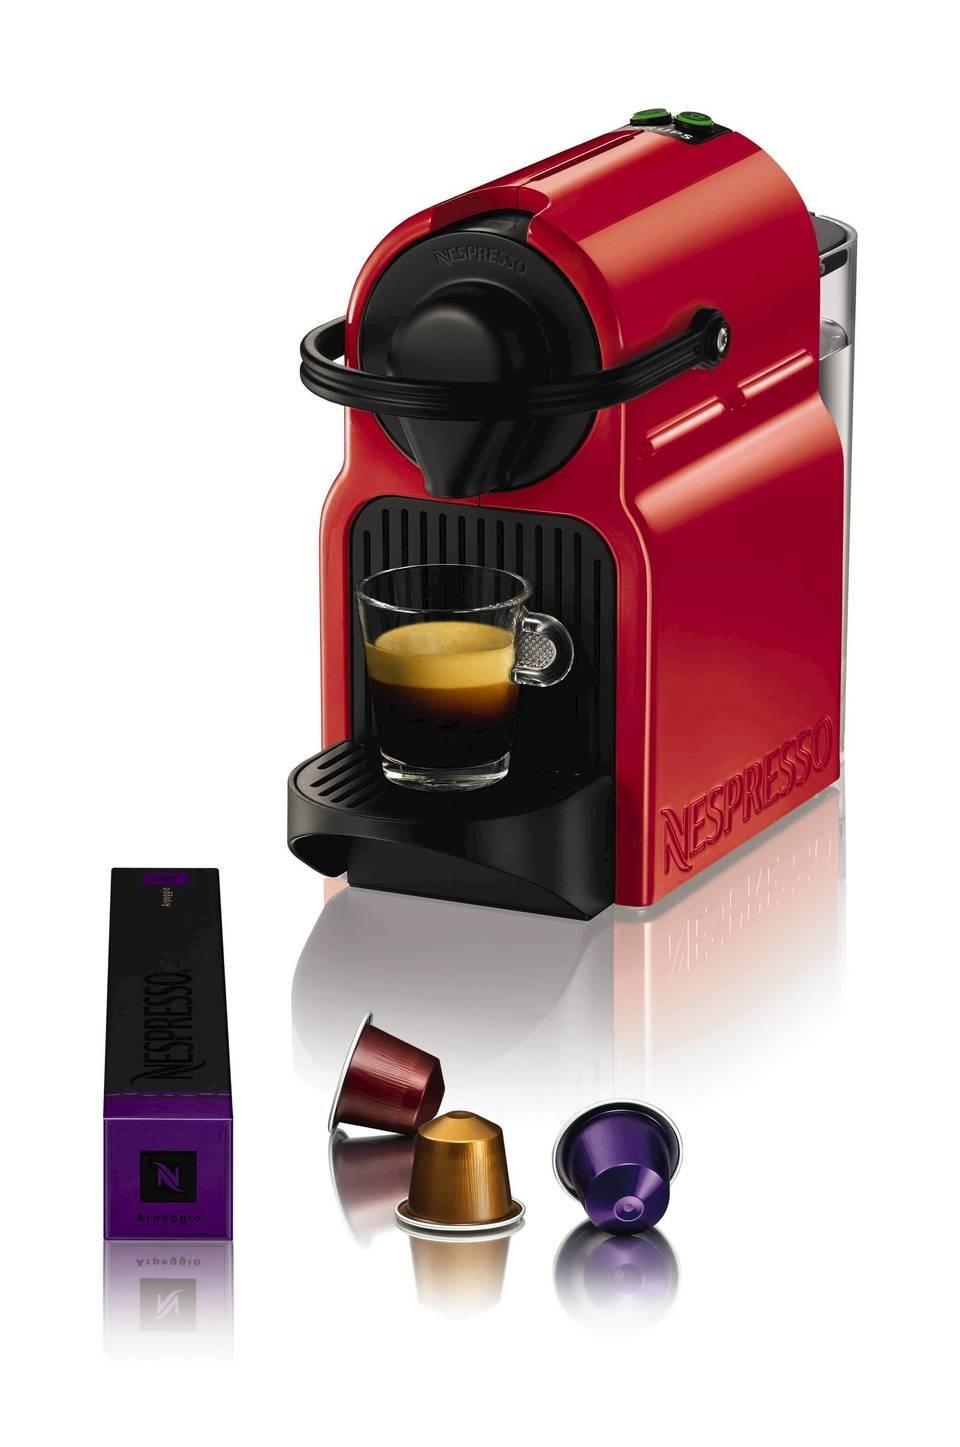 Nespresso Inissia Capsule Coffee Machine